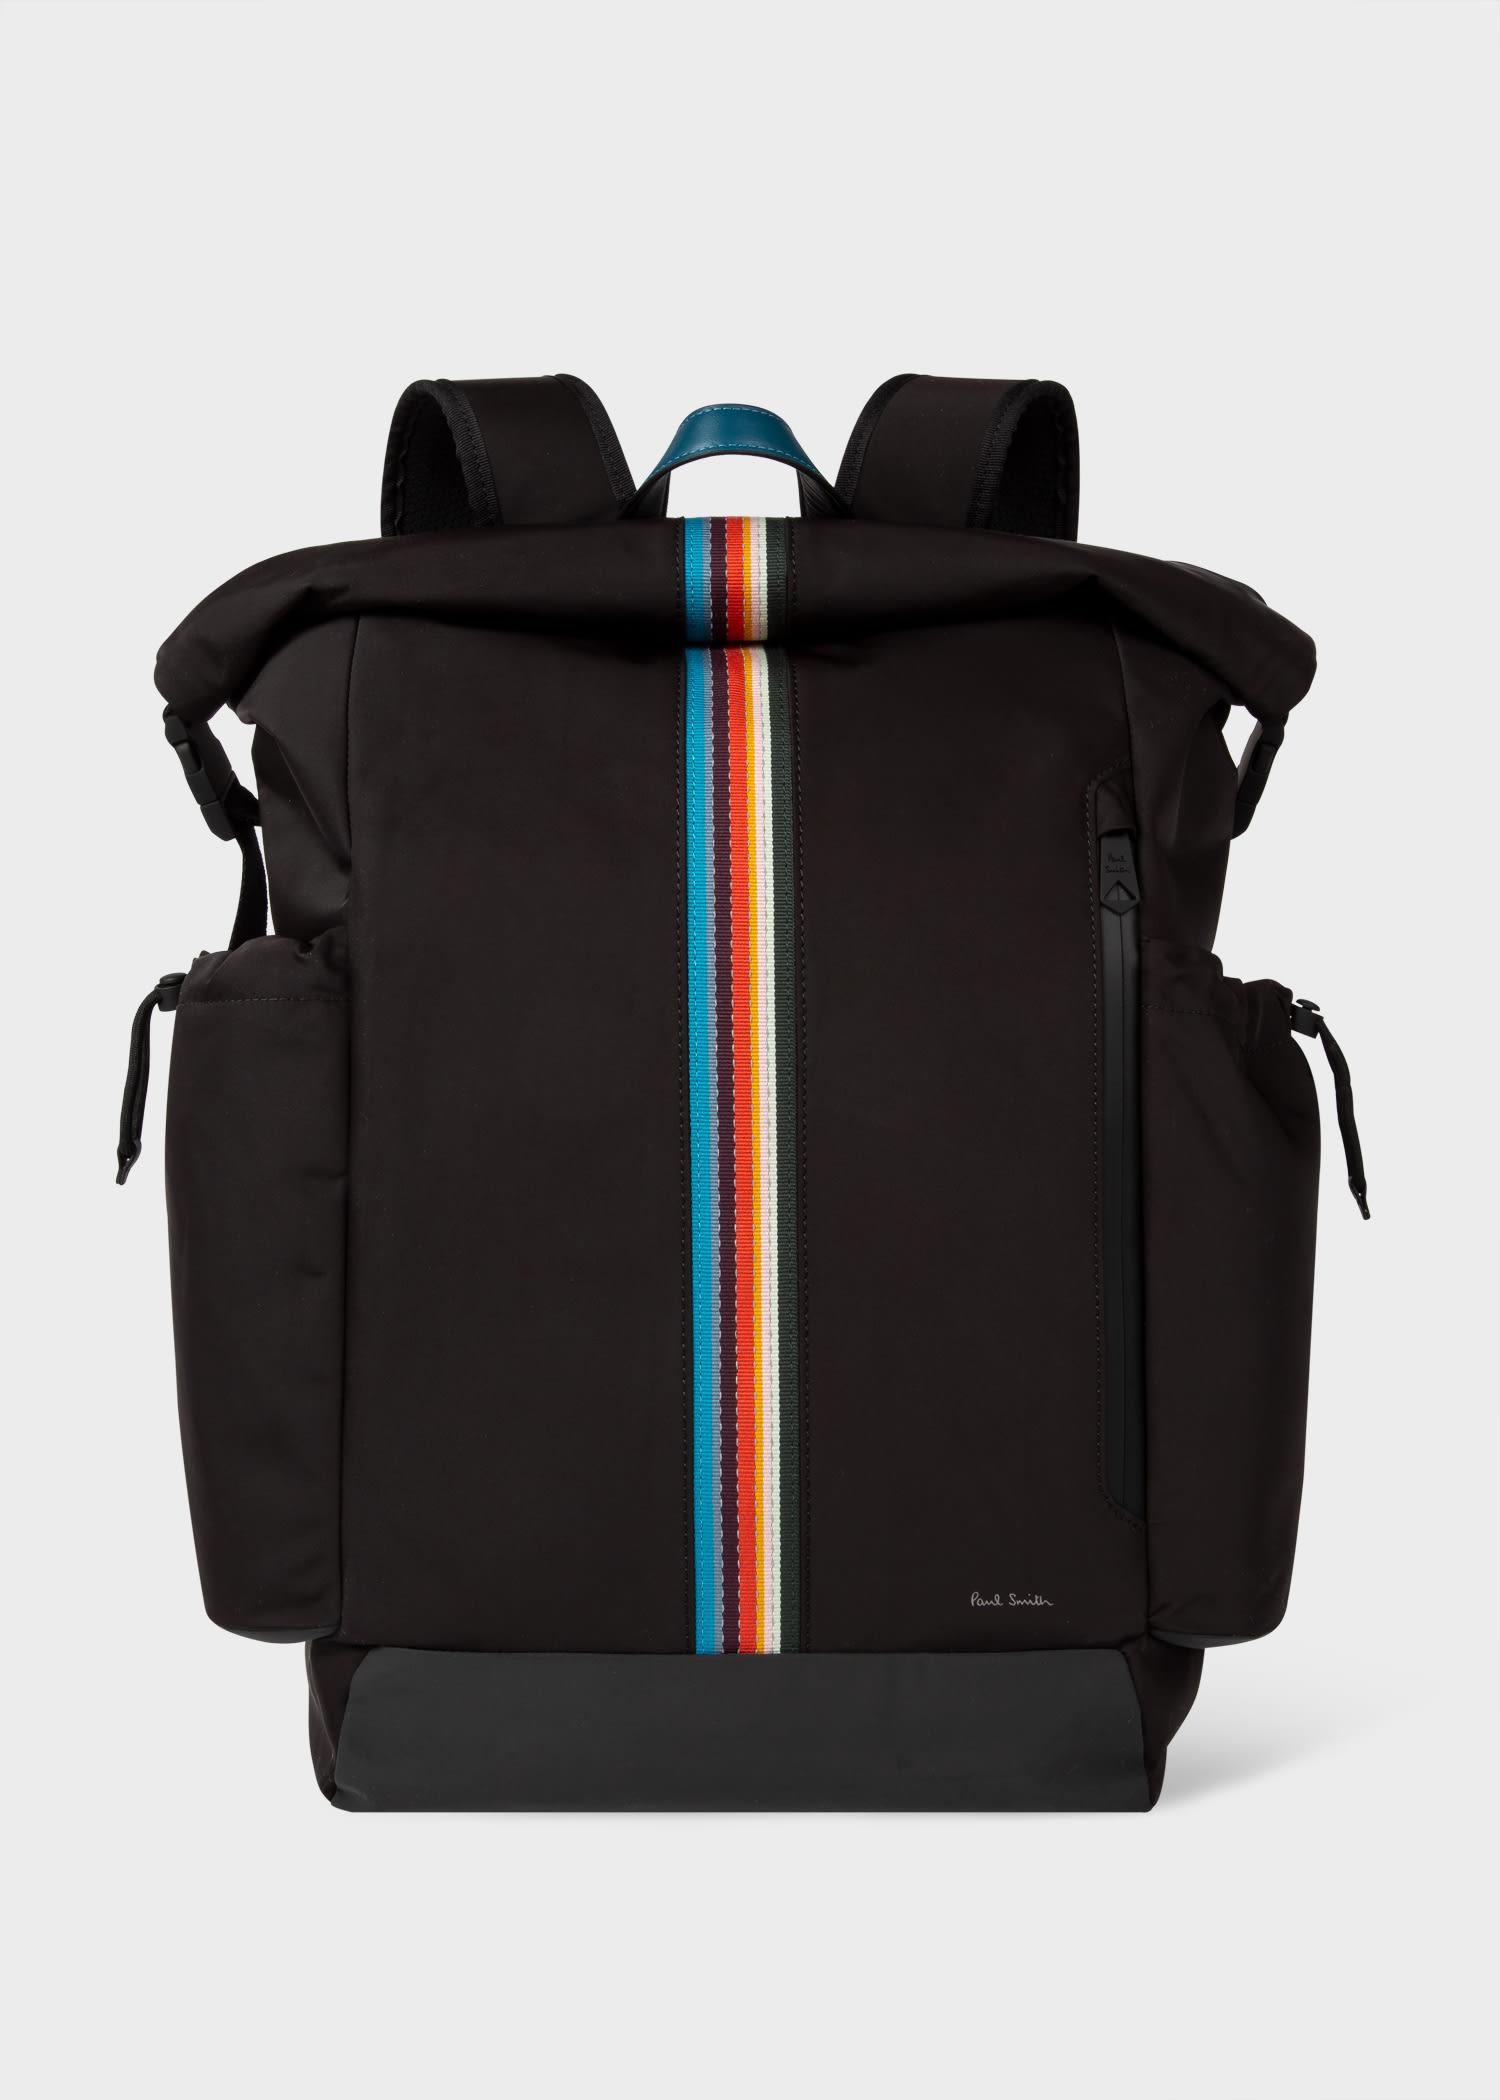 폴 스미스 백팩 Paul Smith Mens Black Roll-Top Cycling Backpack With Reflective Cover